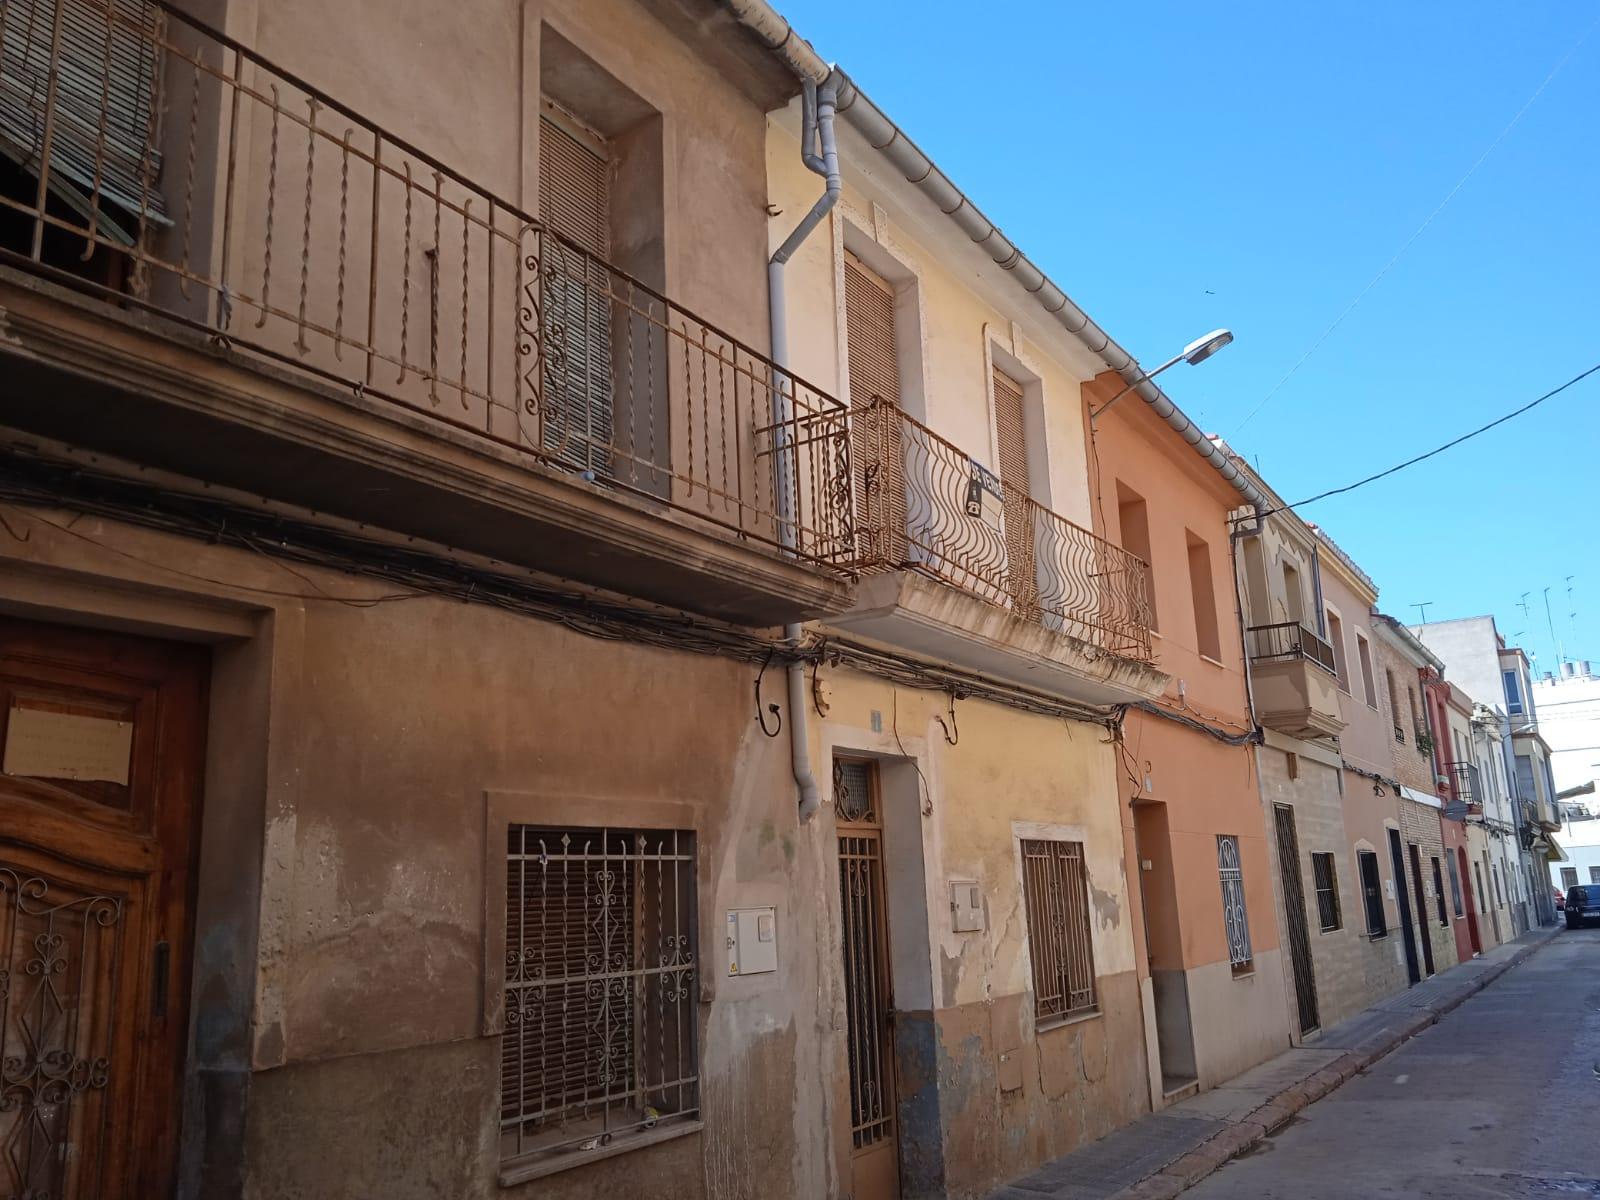 Casa adosada en Burriana (Castellón) zona centro